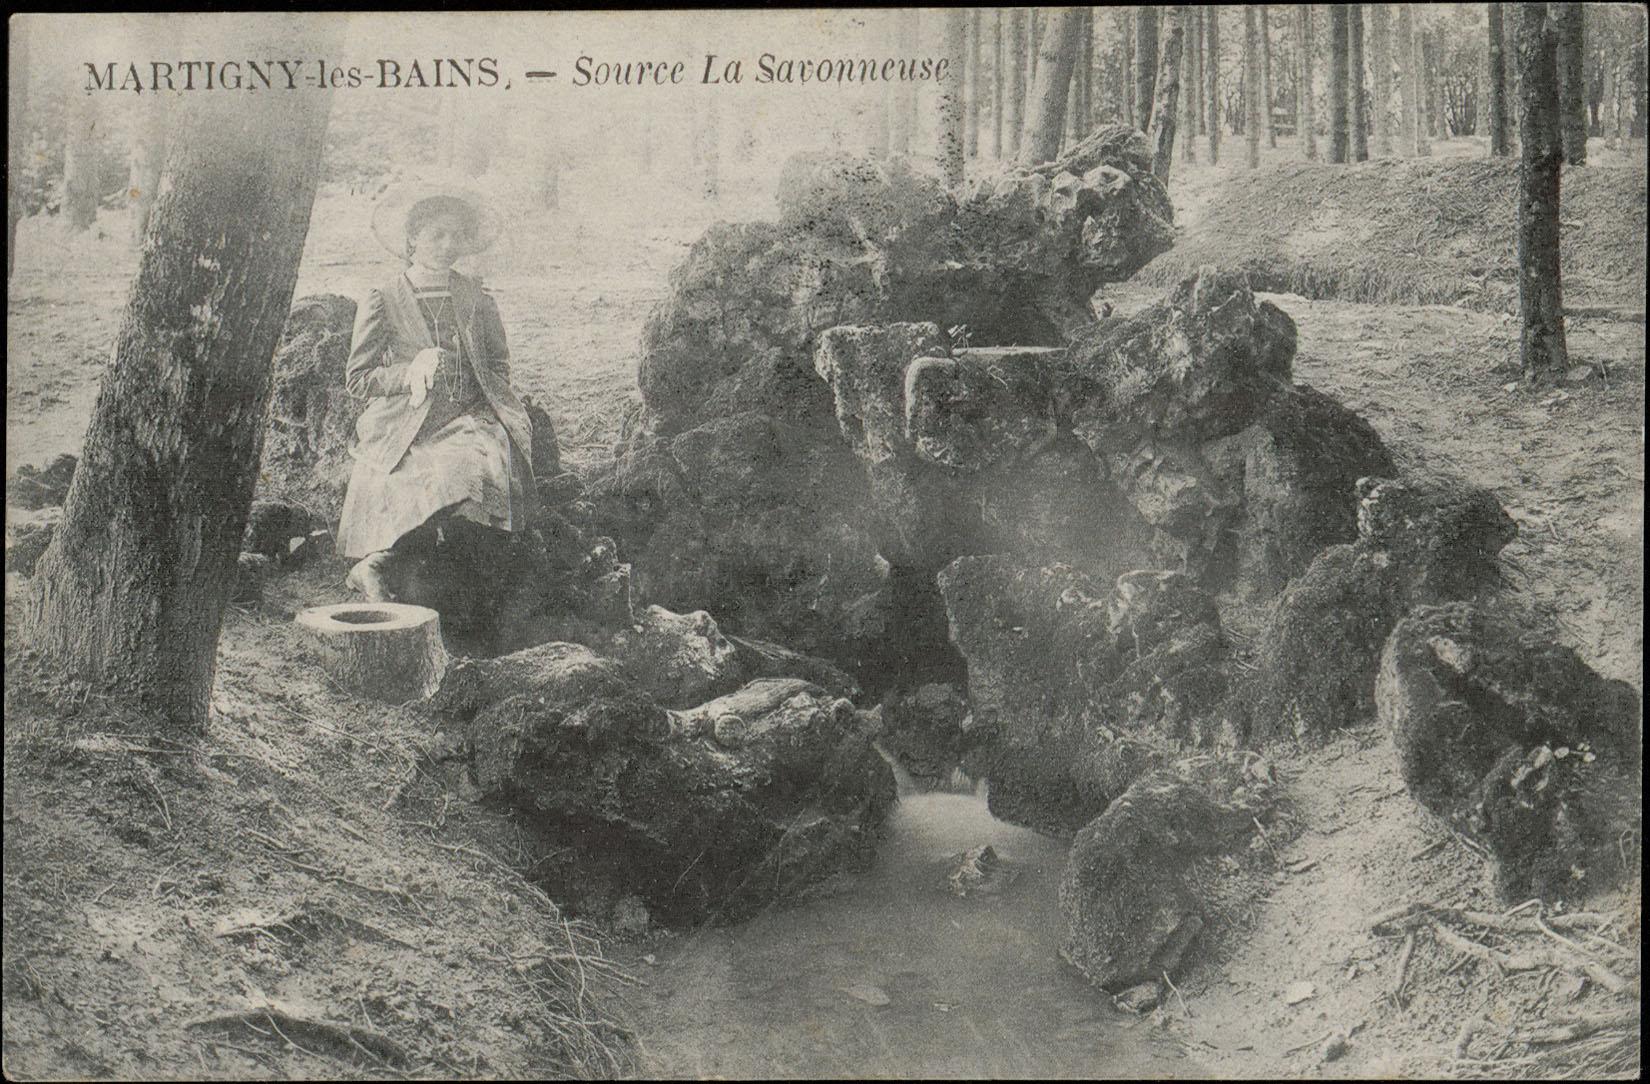 Contenu du Martigny-les-Bains, Source La Savonneuse